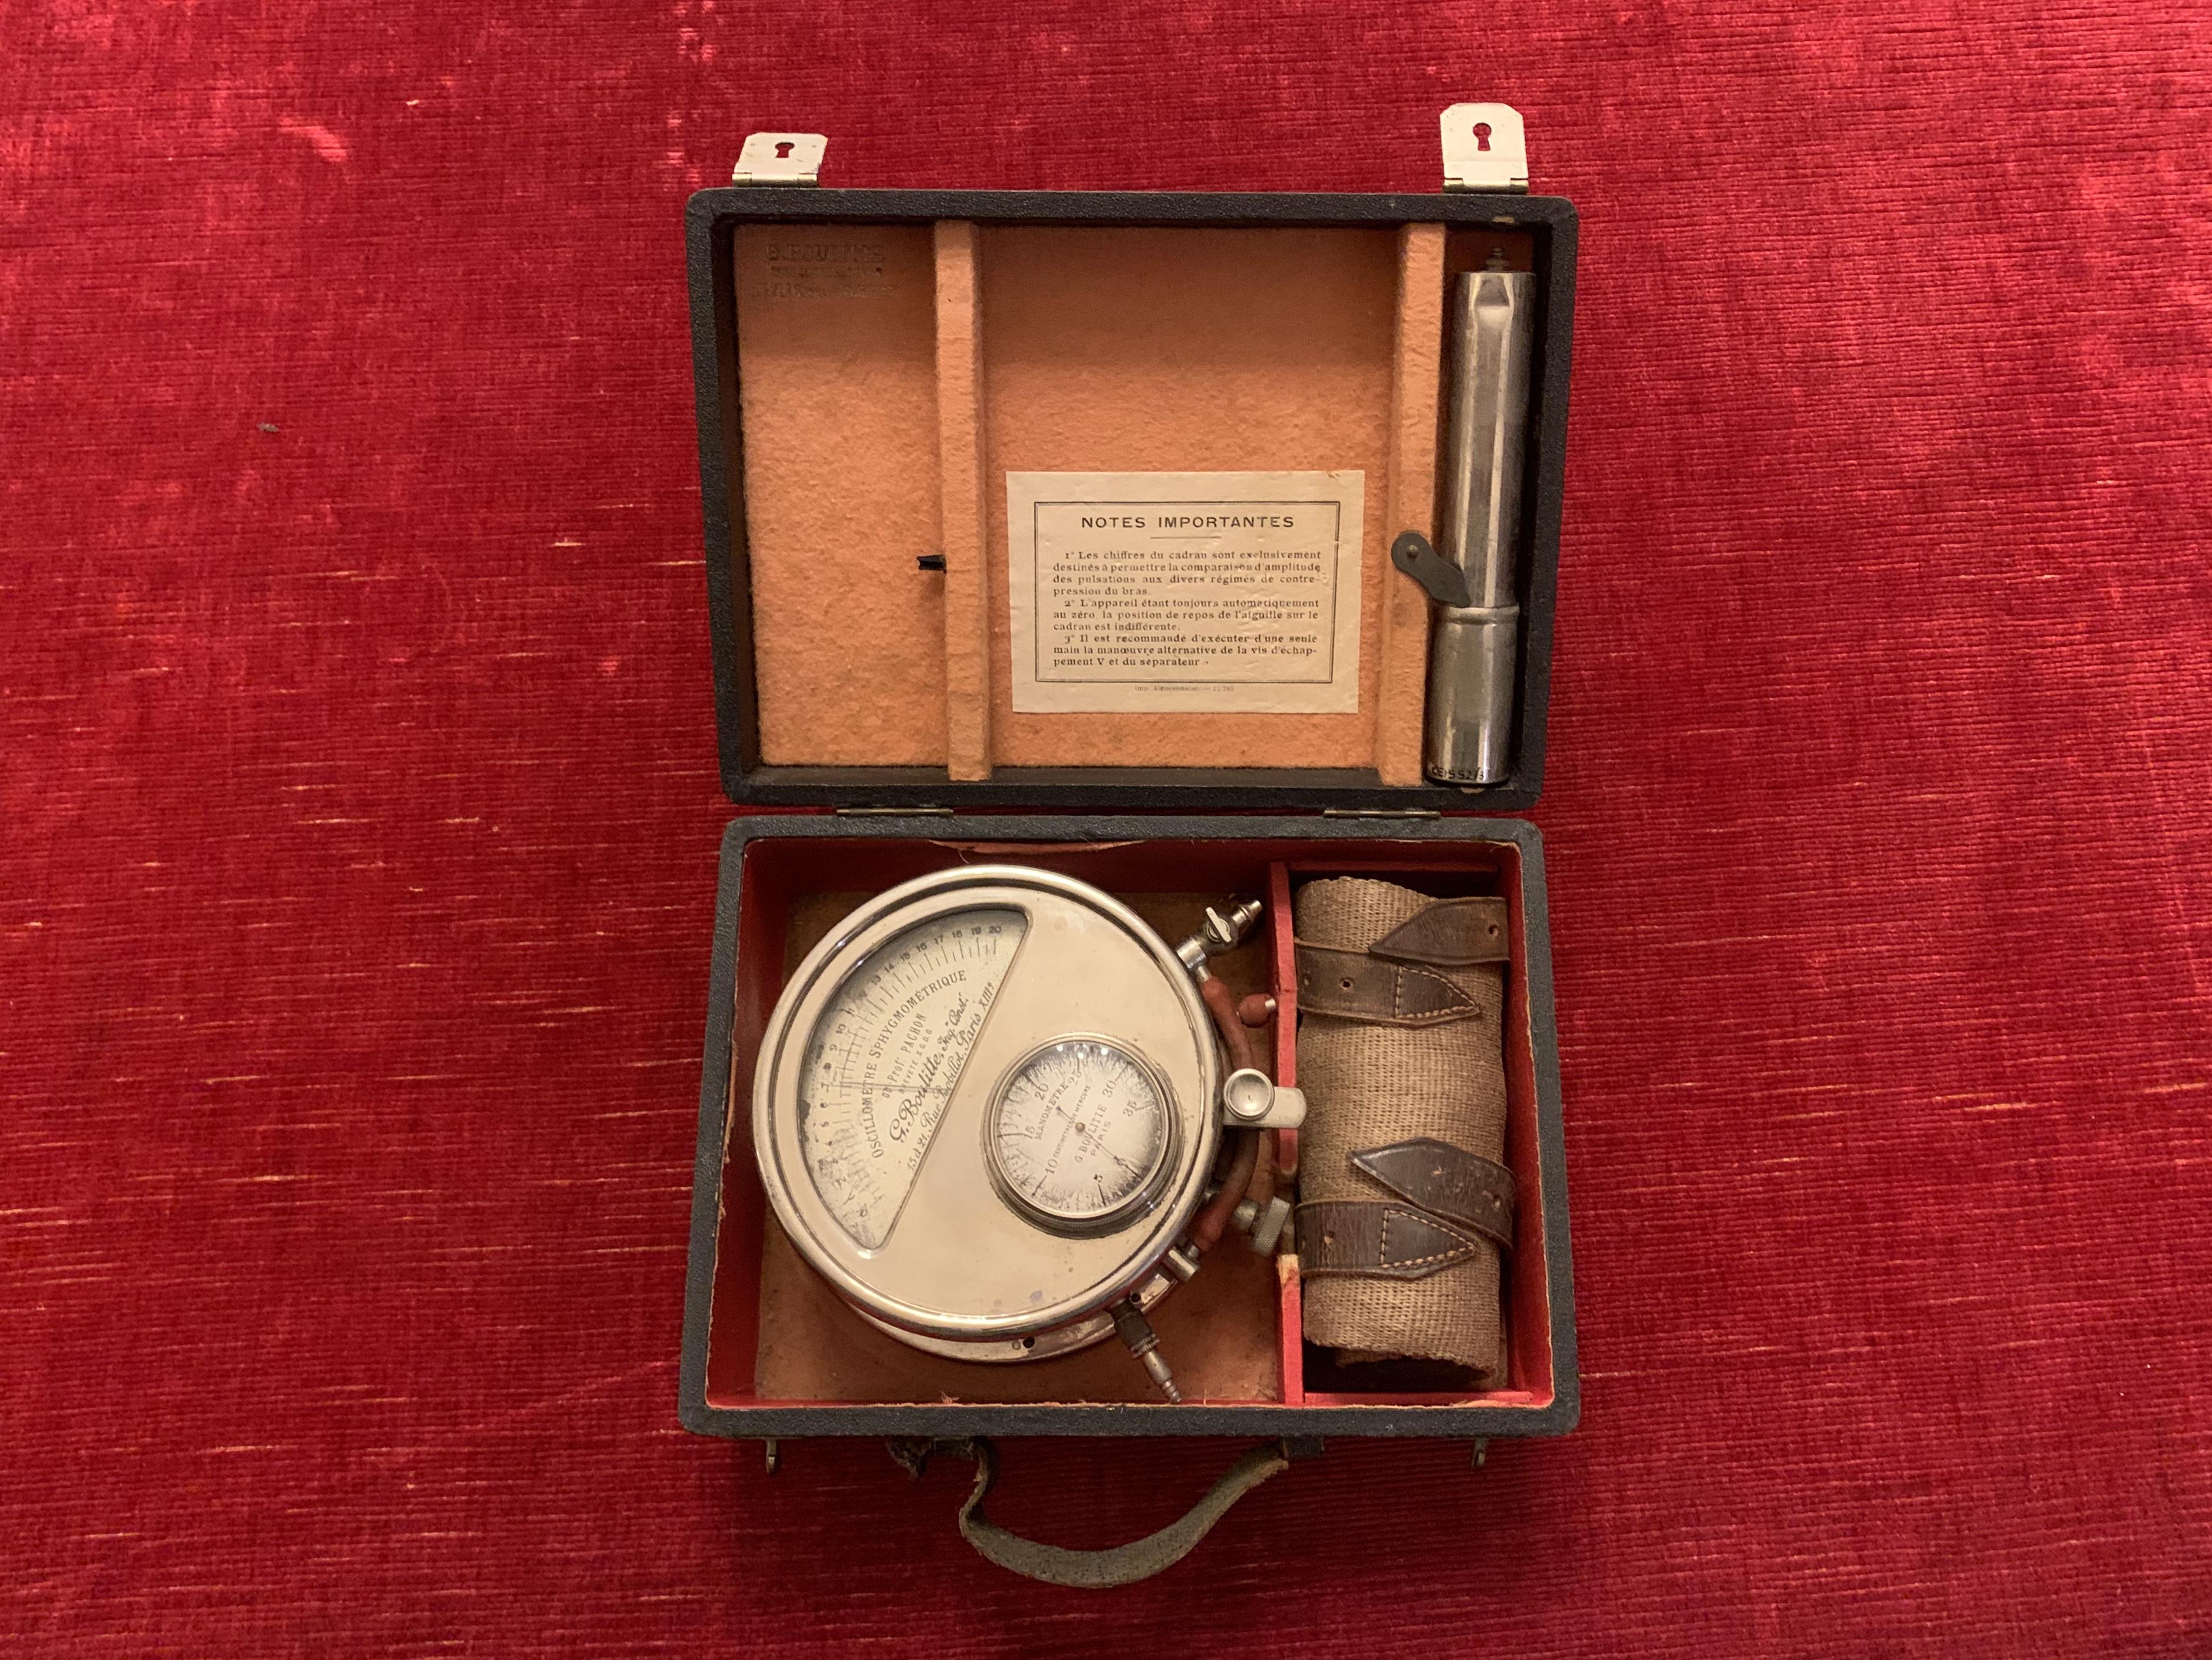 Esfigmomanometro de Pachon